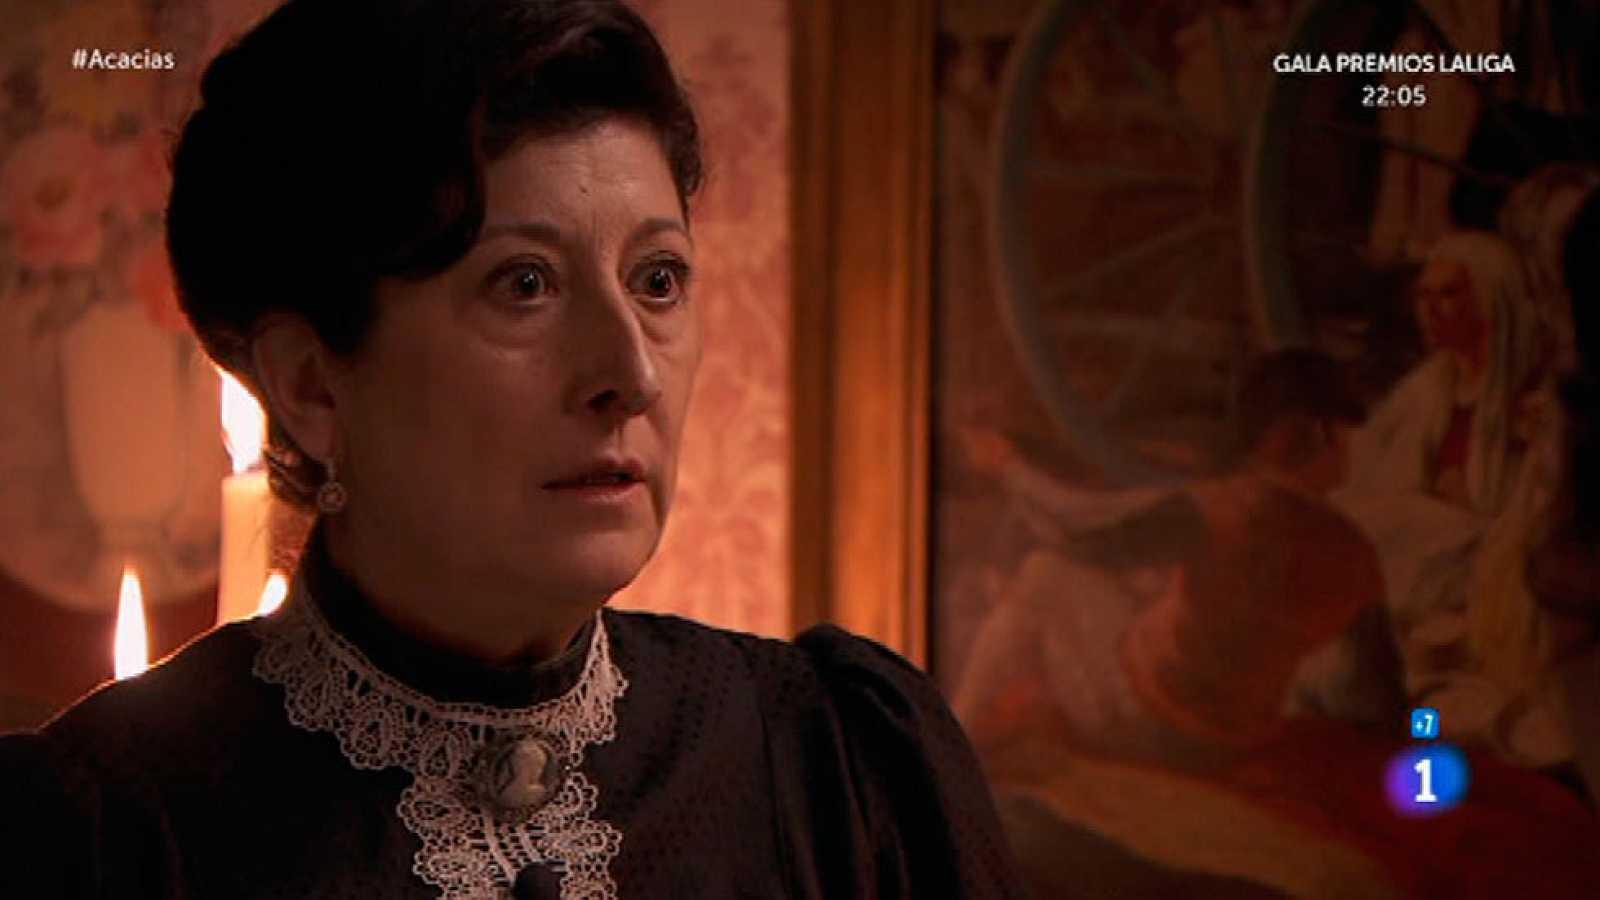 Acacias 38 - Manuela y Leandro descubren el pasado de Úrsula